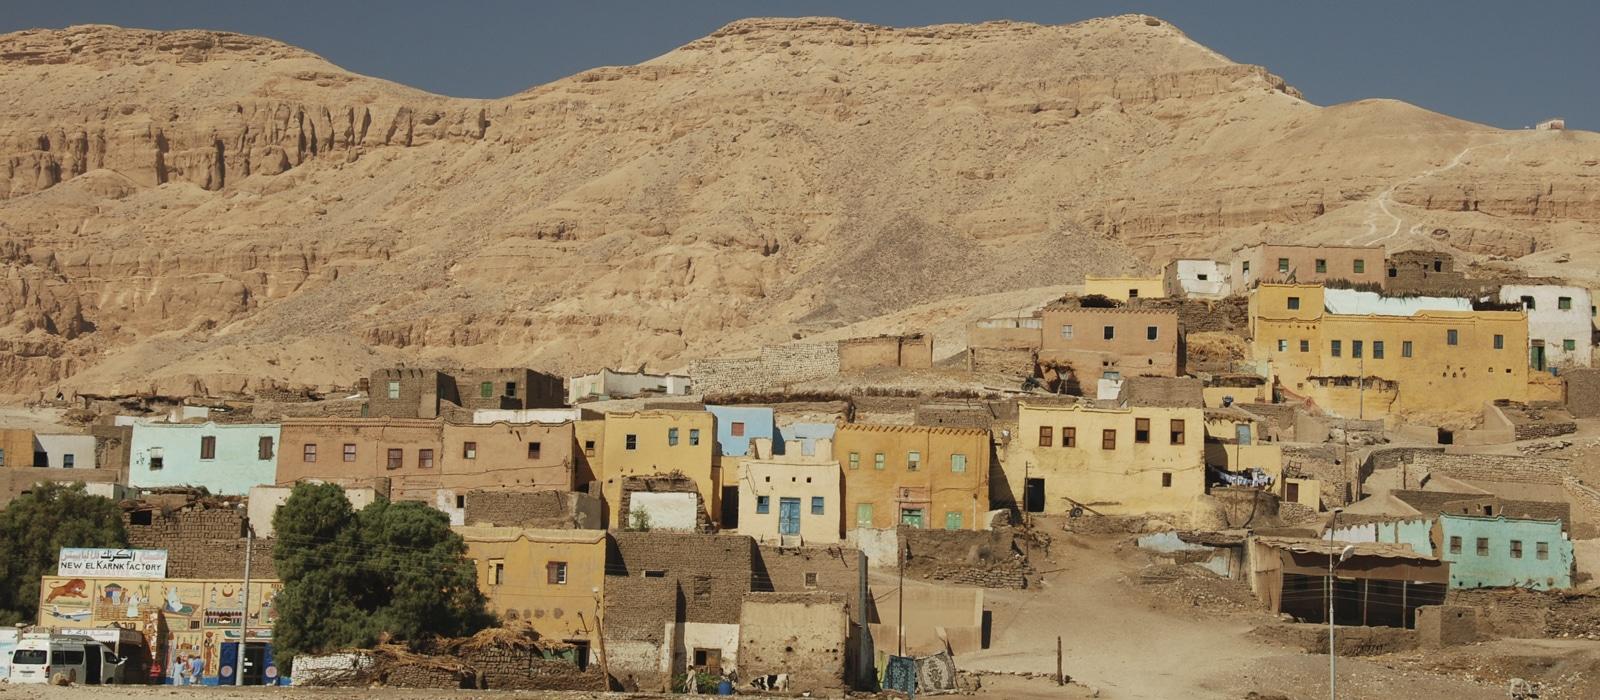 Voyage organisé en petit groupe - rive gauche de Luxor - Egypte - Agence de voyage Les Routes du Monde